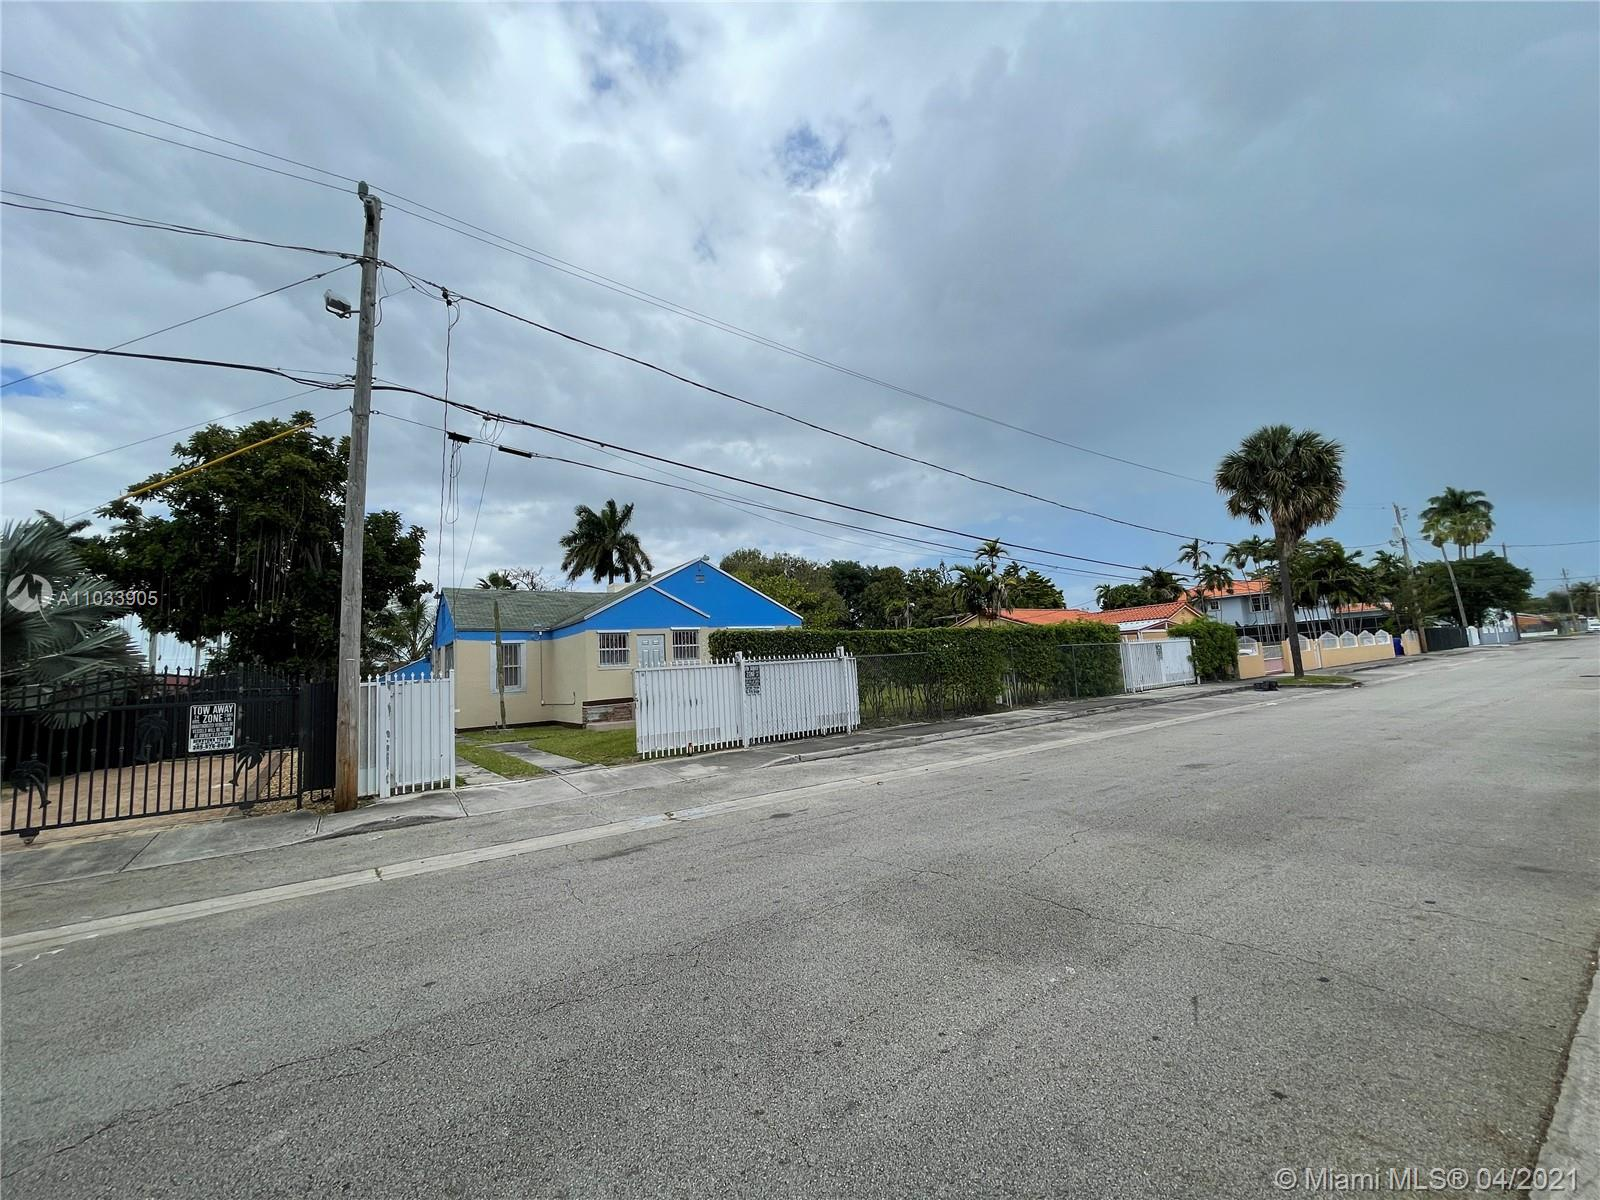 Allapattah - 1605 NW 26th St, Miami, FL 33142